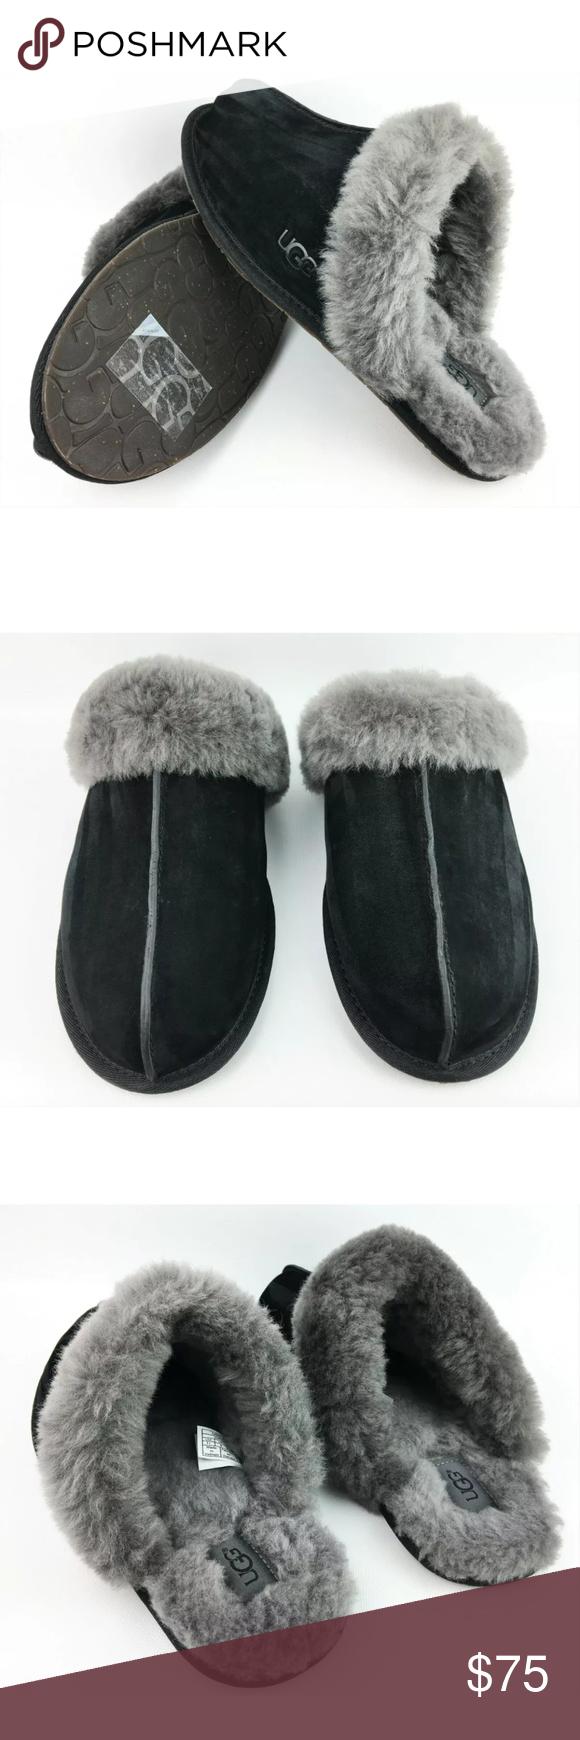 fdedb1538fe UGG Scuffette II Sheepskin Slippers Scuffs Normal wear